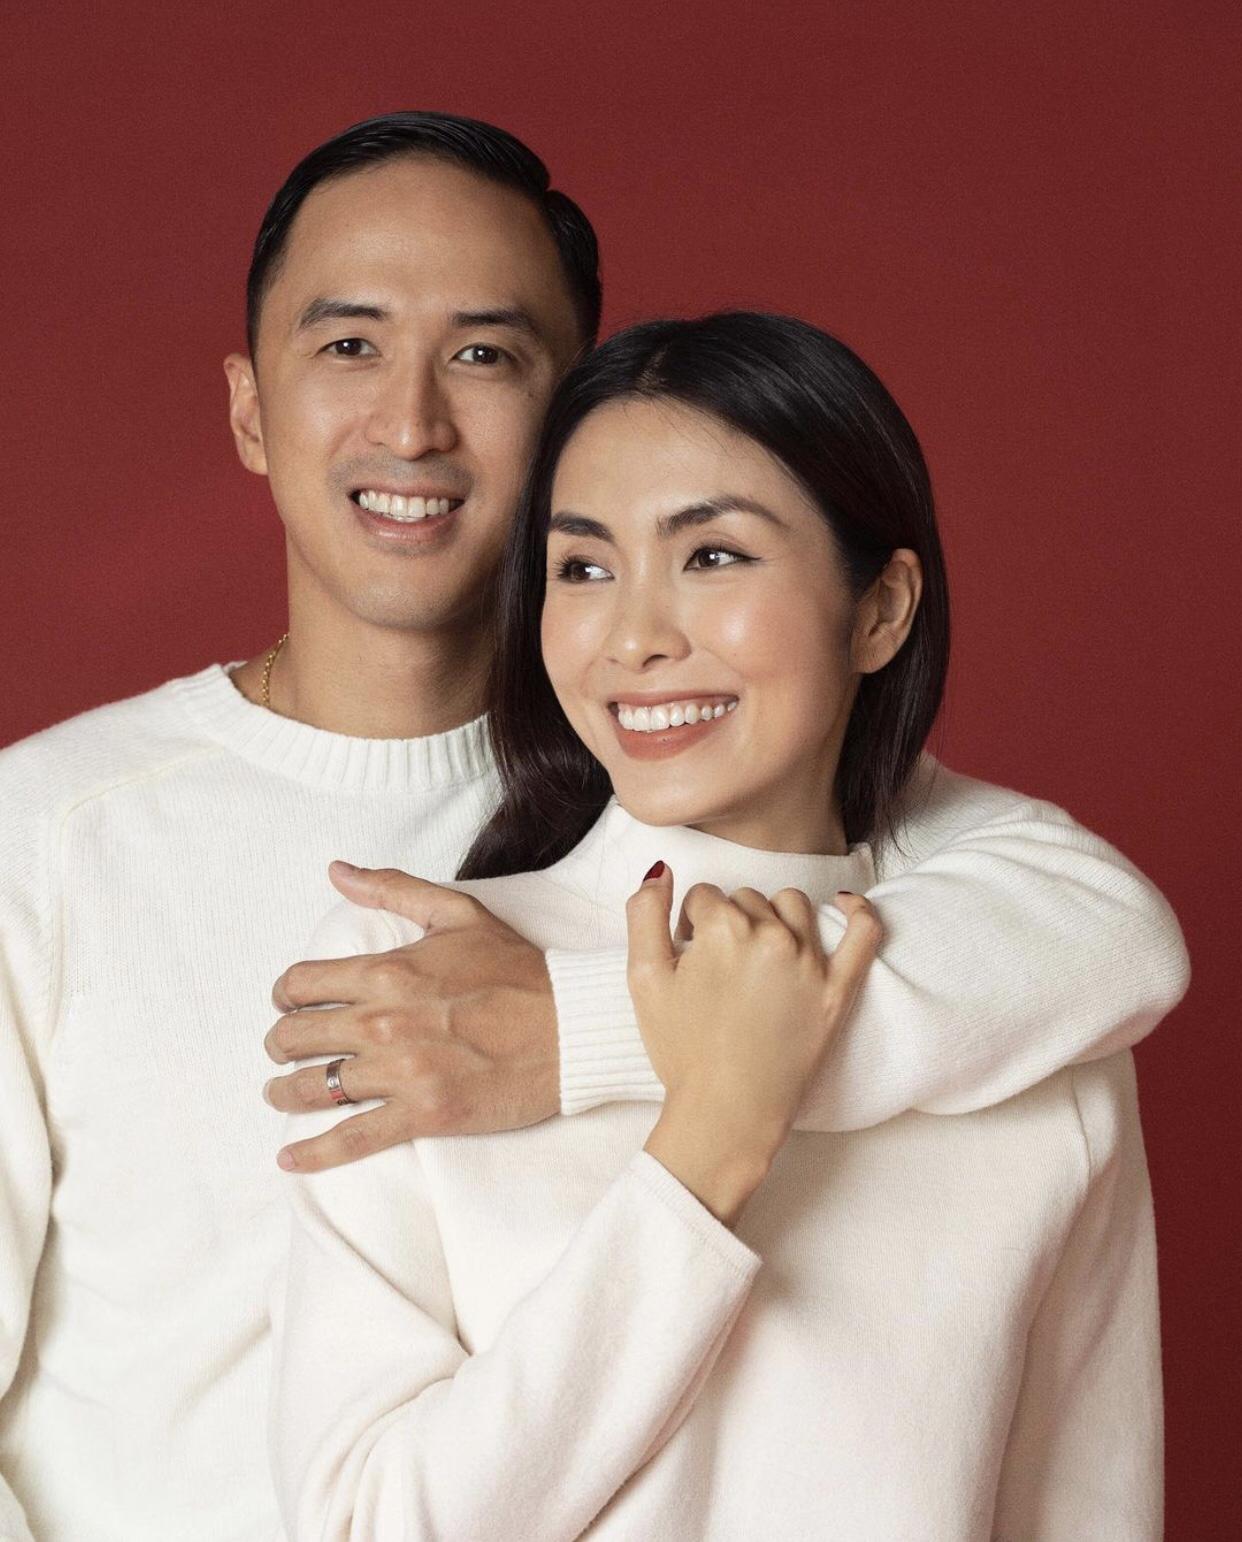 Cuộc sống bên tổ ấm của Hà Tăng và Phạm Hương sau khi rời bỏ hào quang showbiz